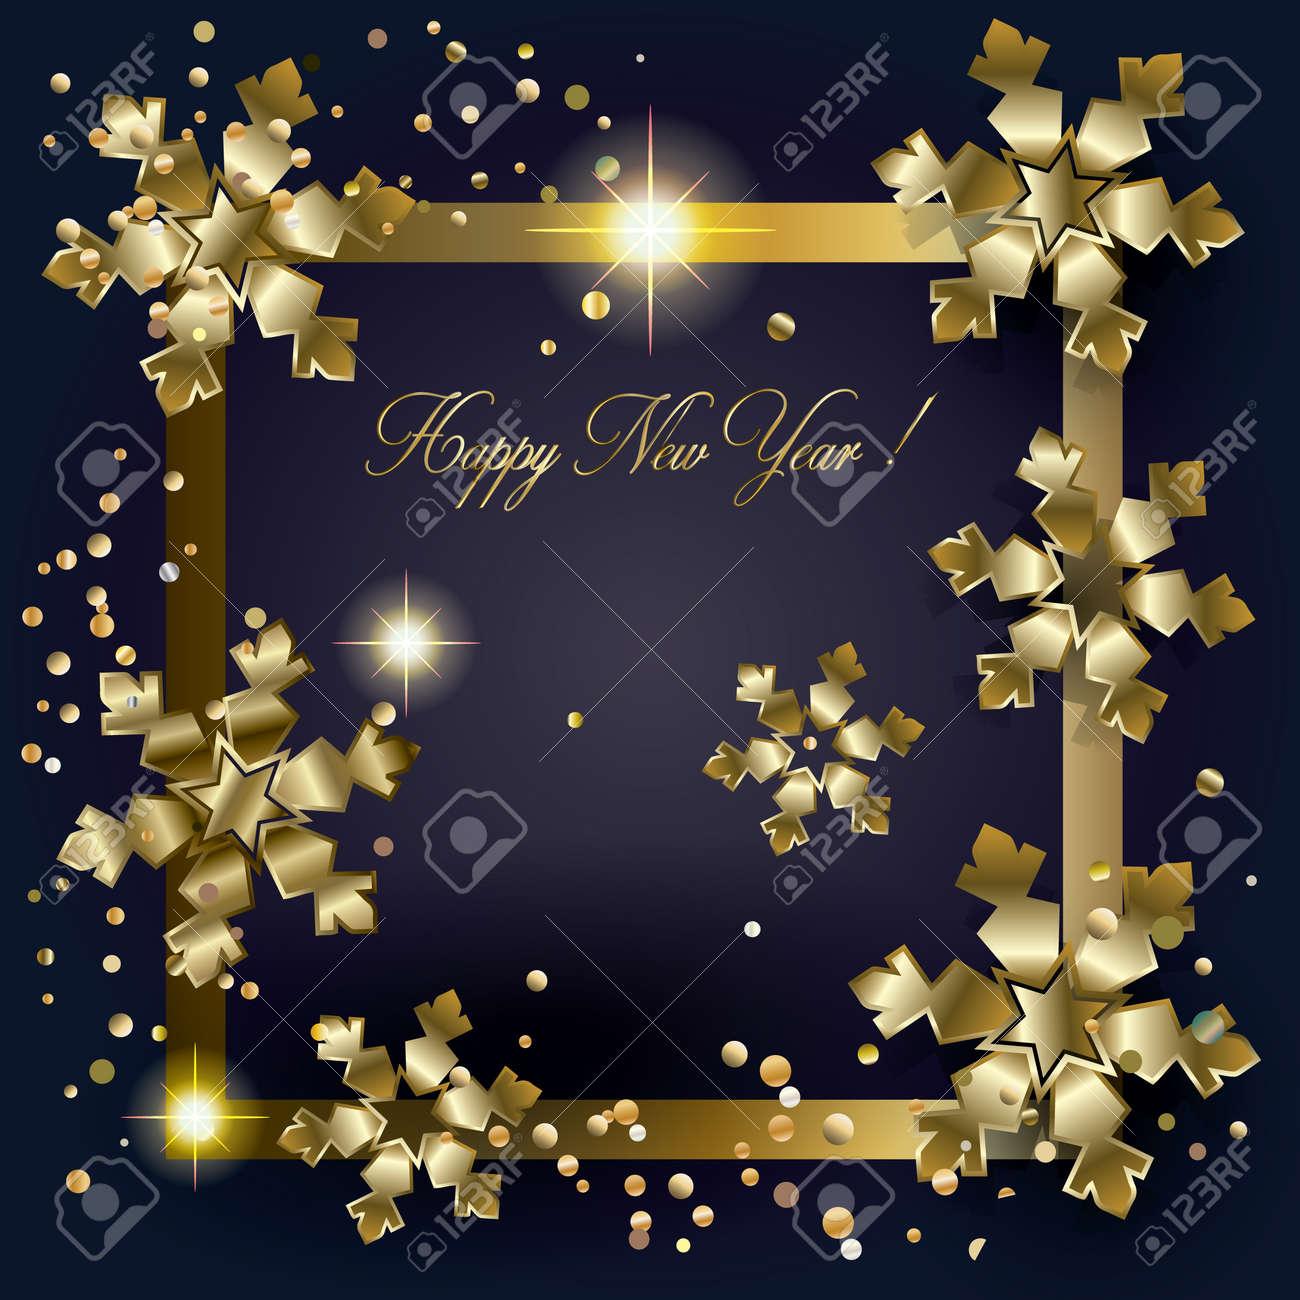 Weihnachten. Frohe Weihnachten Und Happy New Year Grußkarte Mit Gold ...